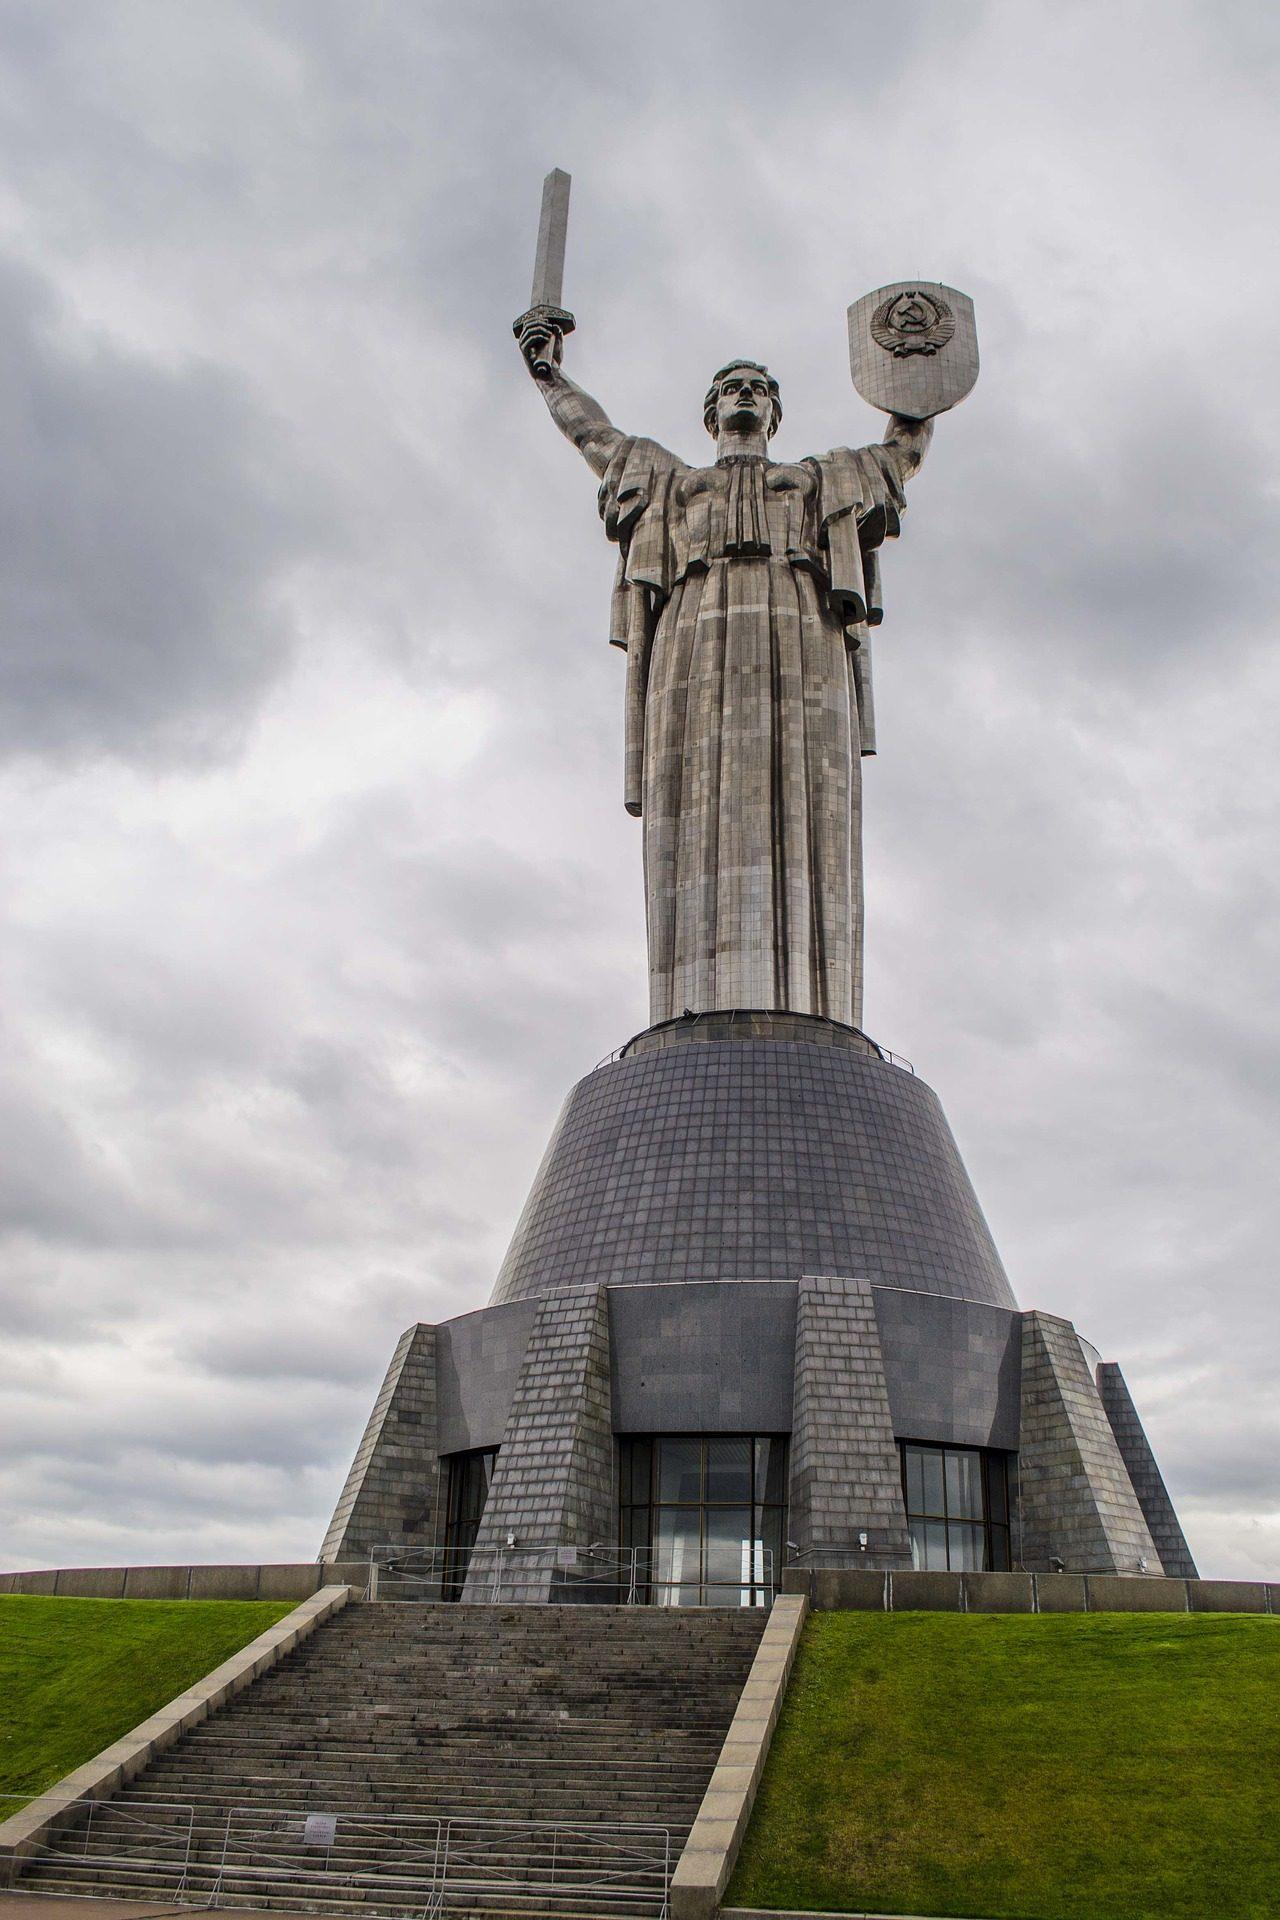 monumento, estatua, espada, metal, kiev - Fondos de Pantalla HD - professor-falken.com